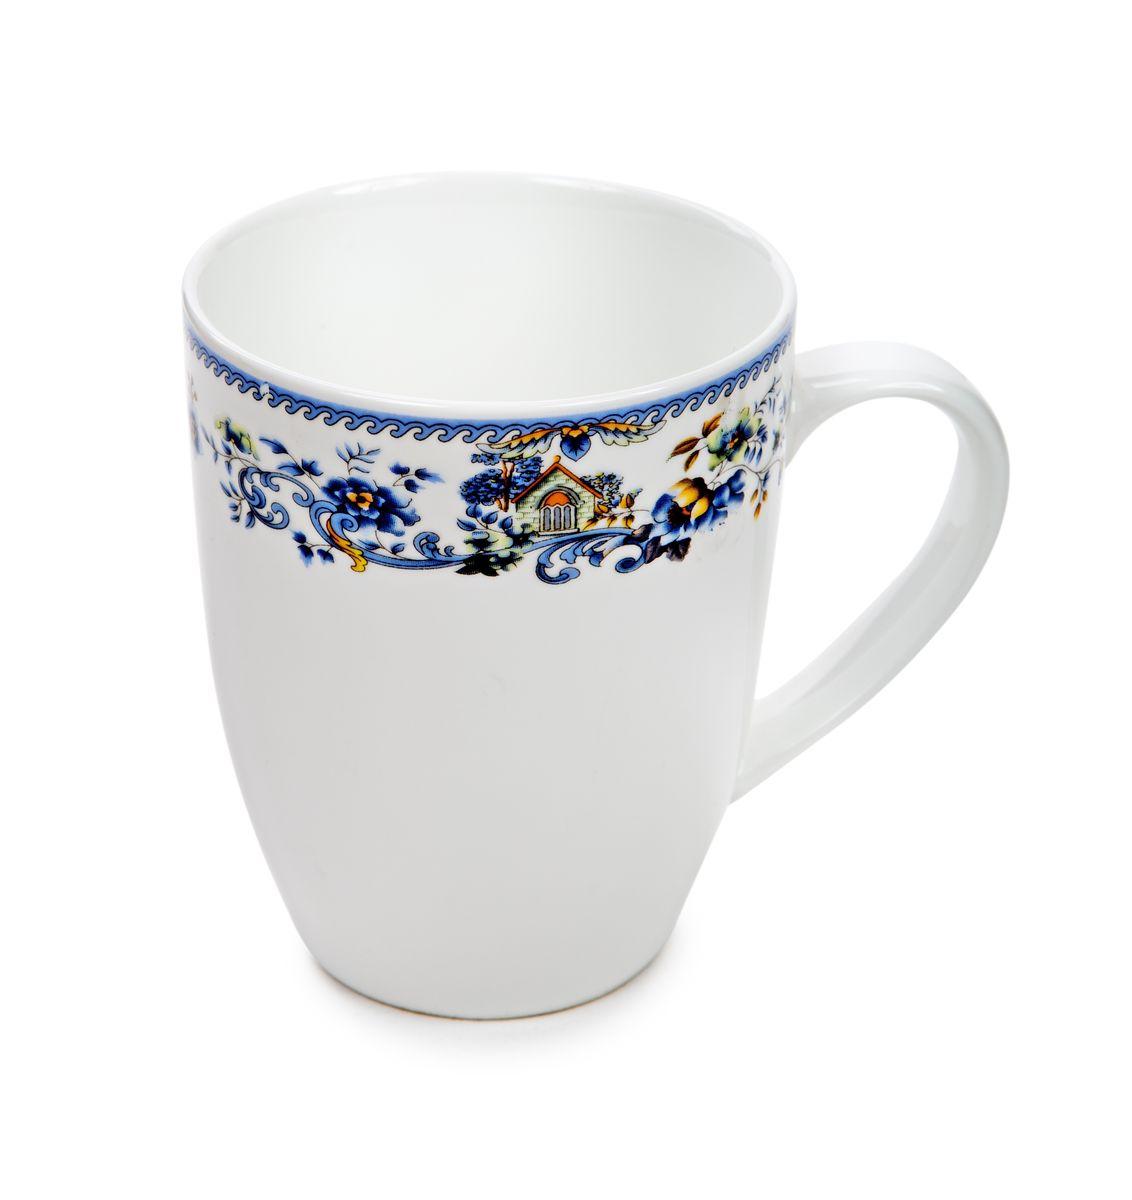 Кружка Nanshan Porcelain Пейзаж, 300 млGNNSH024360Кружка Nanshan Porcelain Пейзаж изготовлена из высококачественного фарфора с подглазурной деколью, что защищает рисунок от истирания и продлевает срок эксплуатации посуды. Посуда безопасна для здоровья и окружающей среды, не содержит свинец и кадмий. Можно использовать в микроволновой печи и мыть в посудомоечной машине. Объем: 300 мл. Диаметр (по верхнему краю): 8 см. Высота кружки: 10 см.